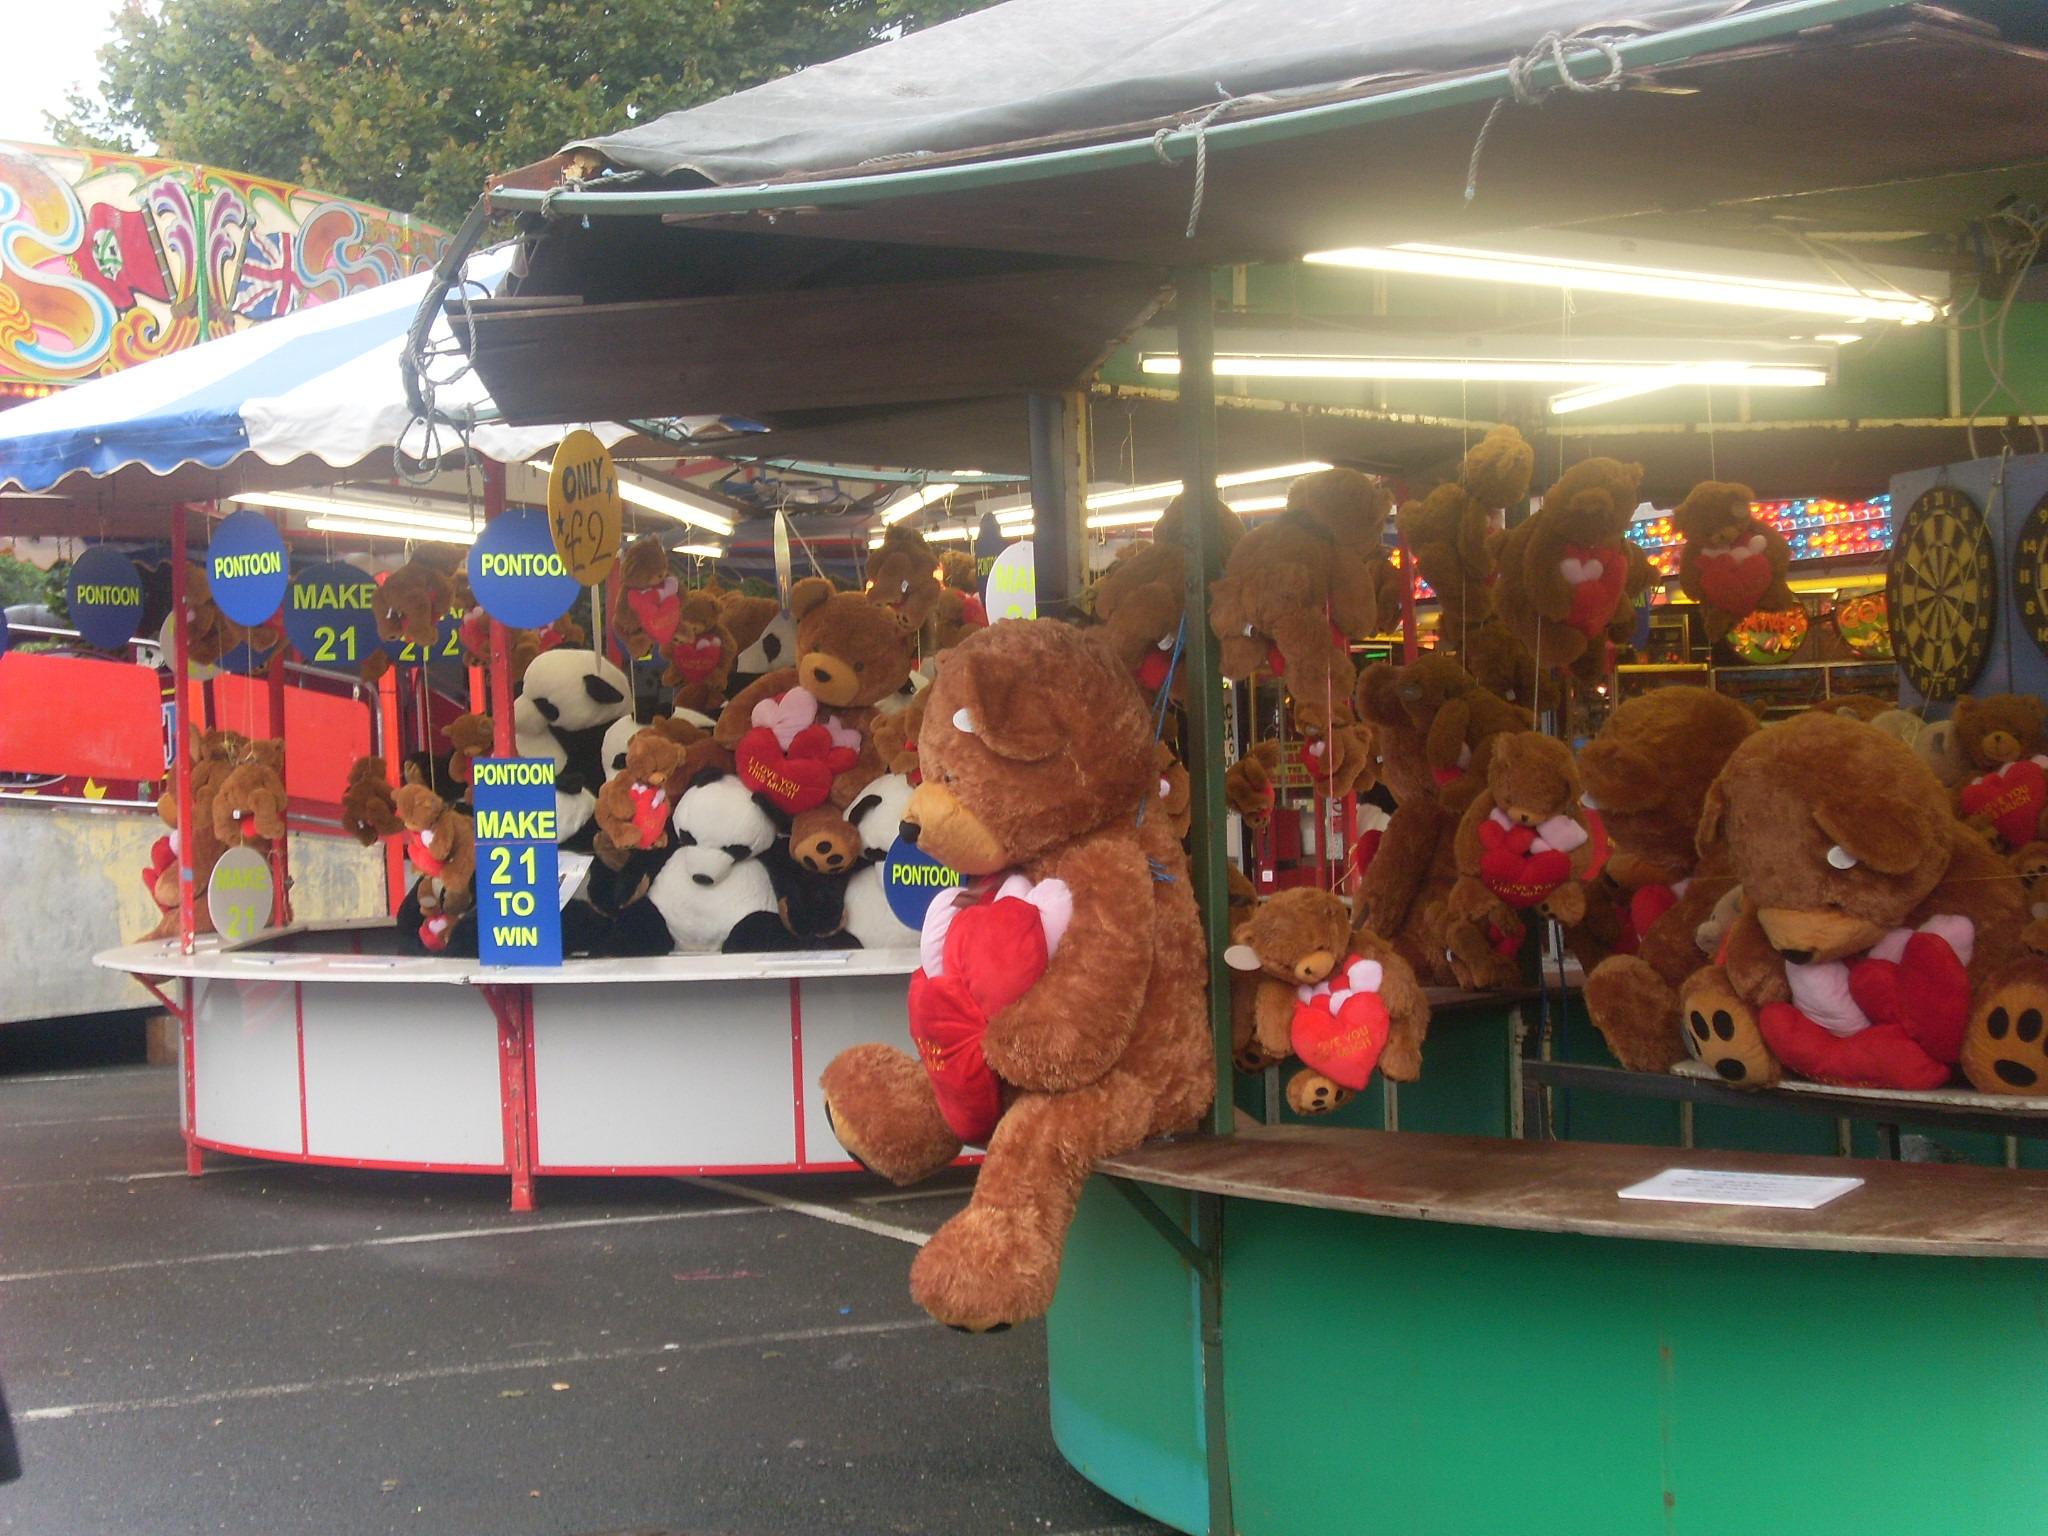 weeeee! i want teddy!